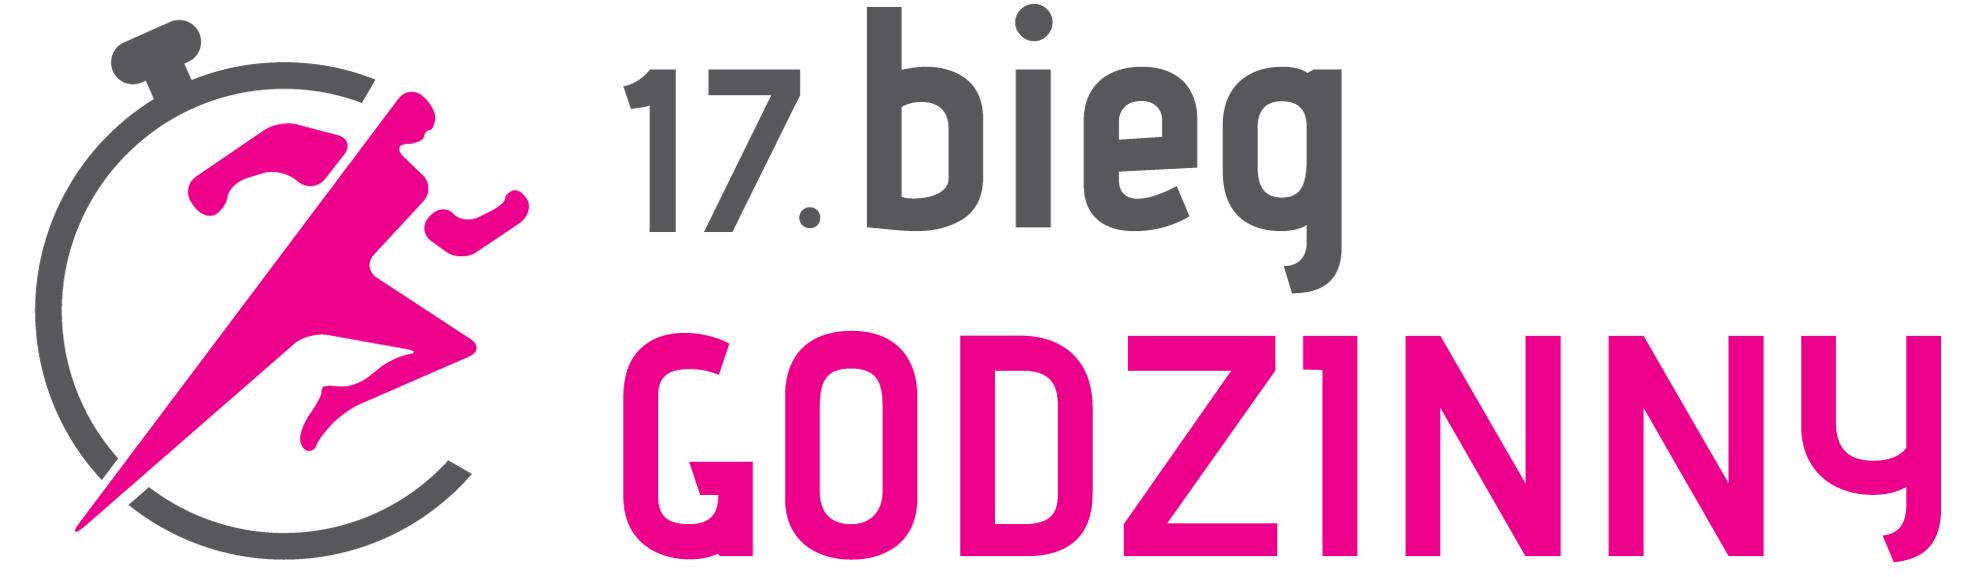 17_BIEG_GODZINNY